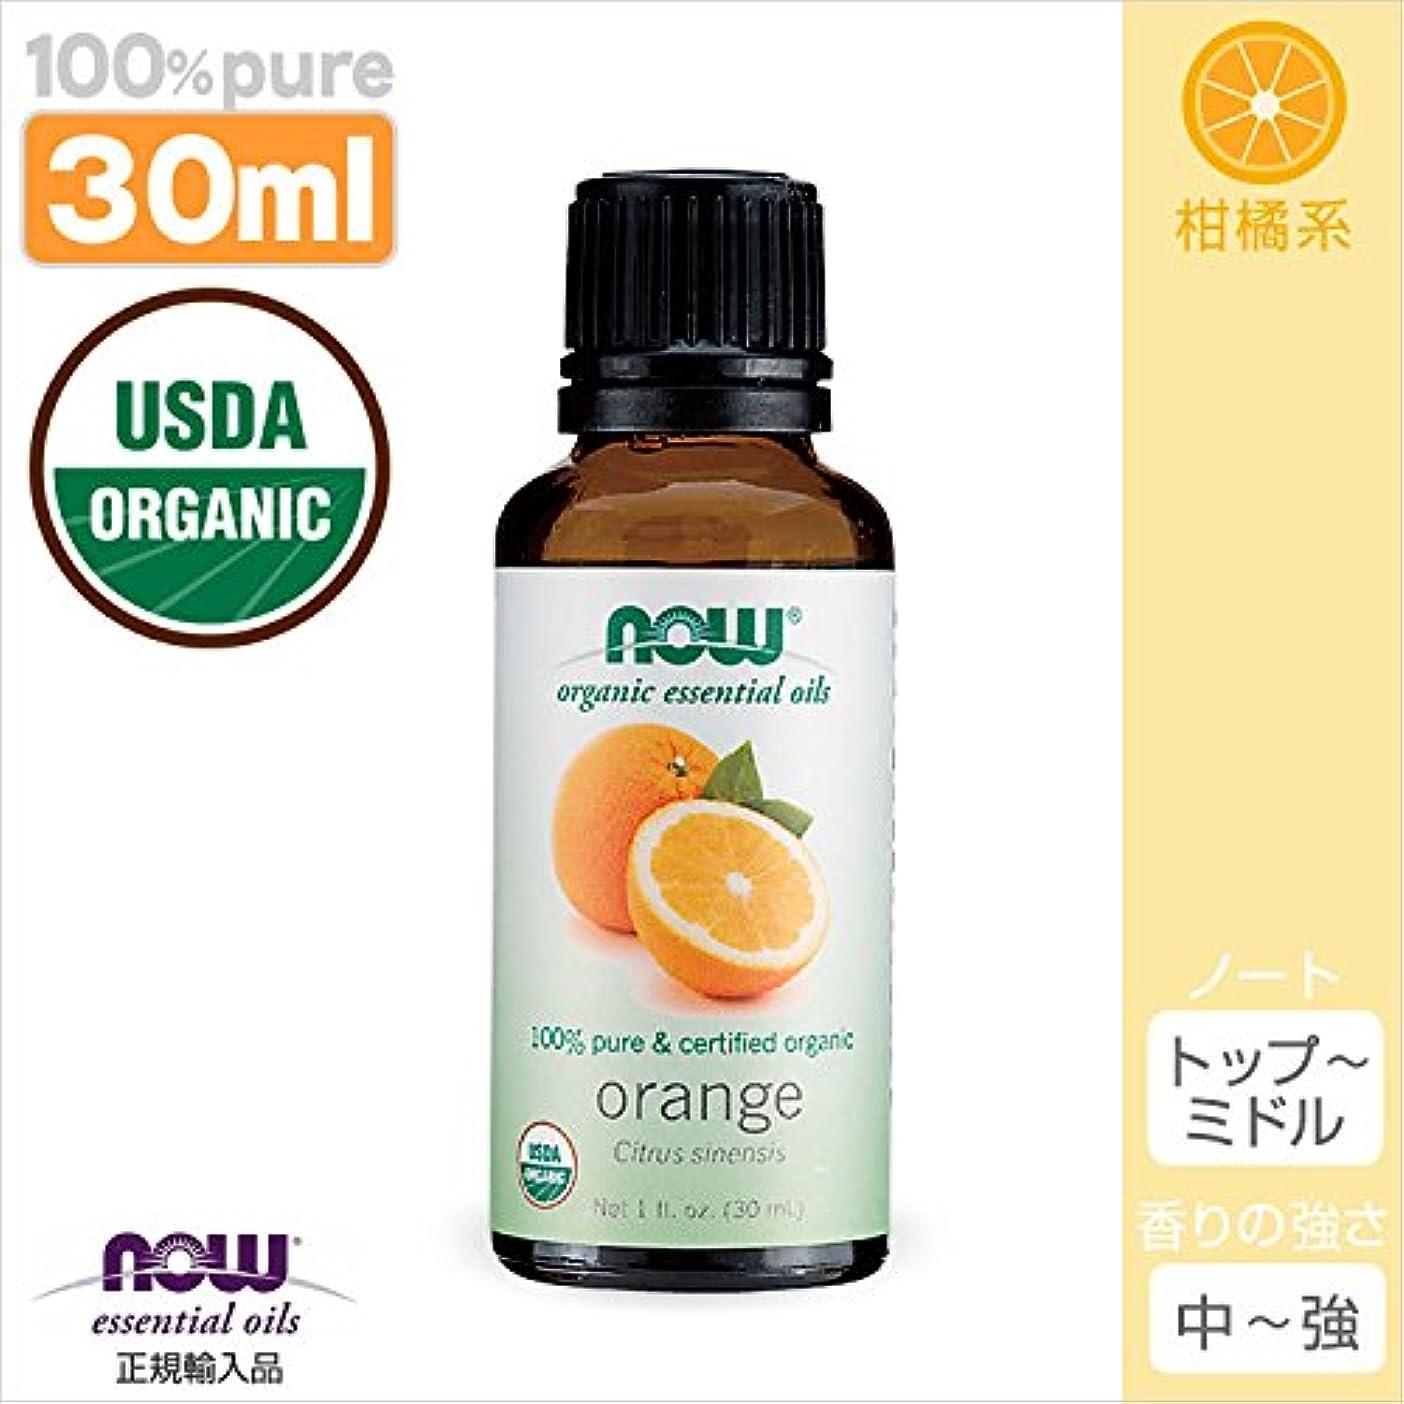 エンジニア委任孤独なオレンジ精油オーガニック[30ml] 【正規輸入品】 NOWエッセンシャルオイル(アロマオイル)